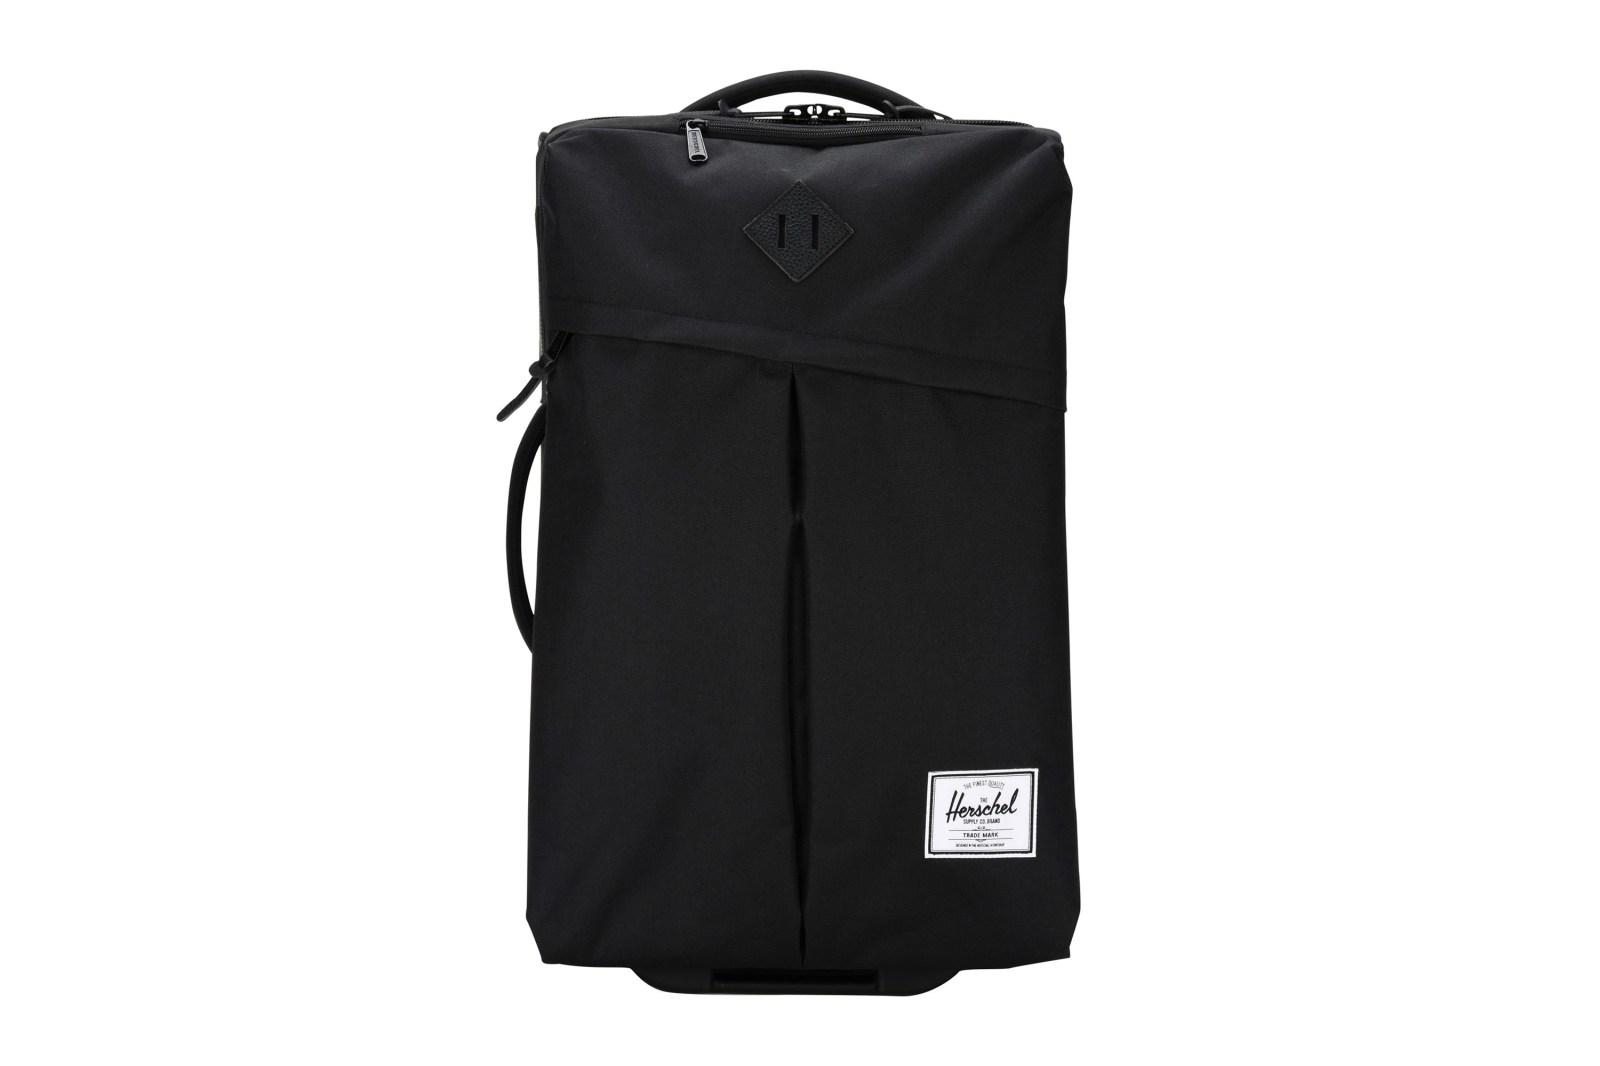 本日 6 款精選 Suitcase 旅行箱入手推介